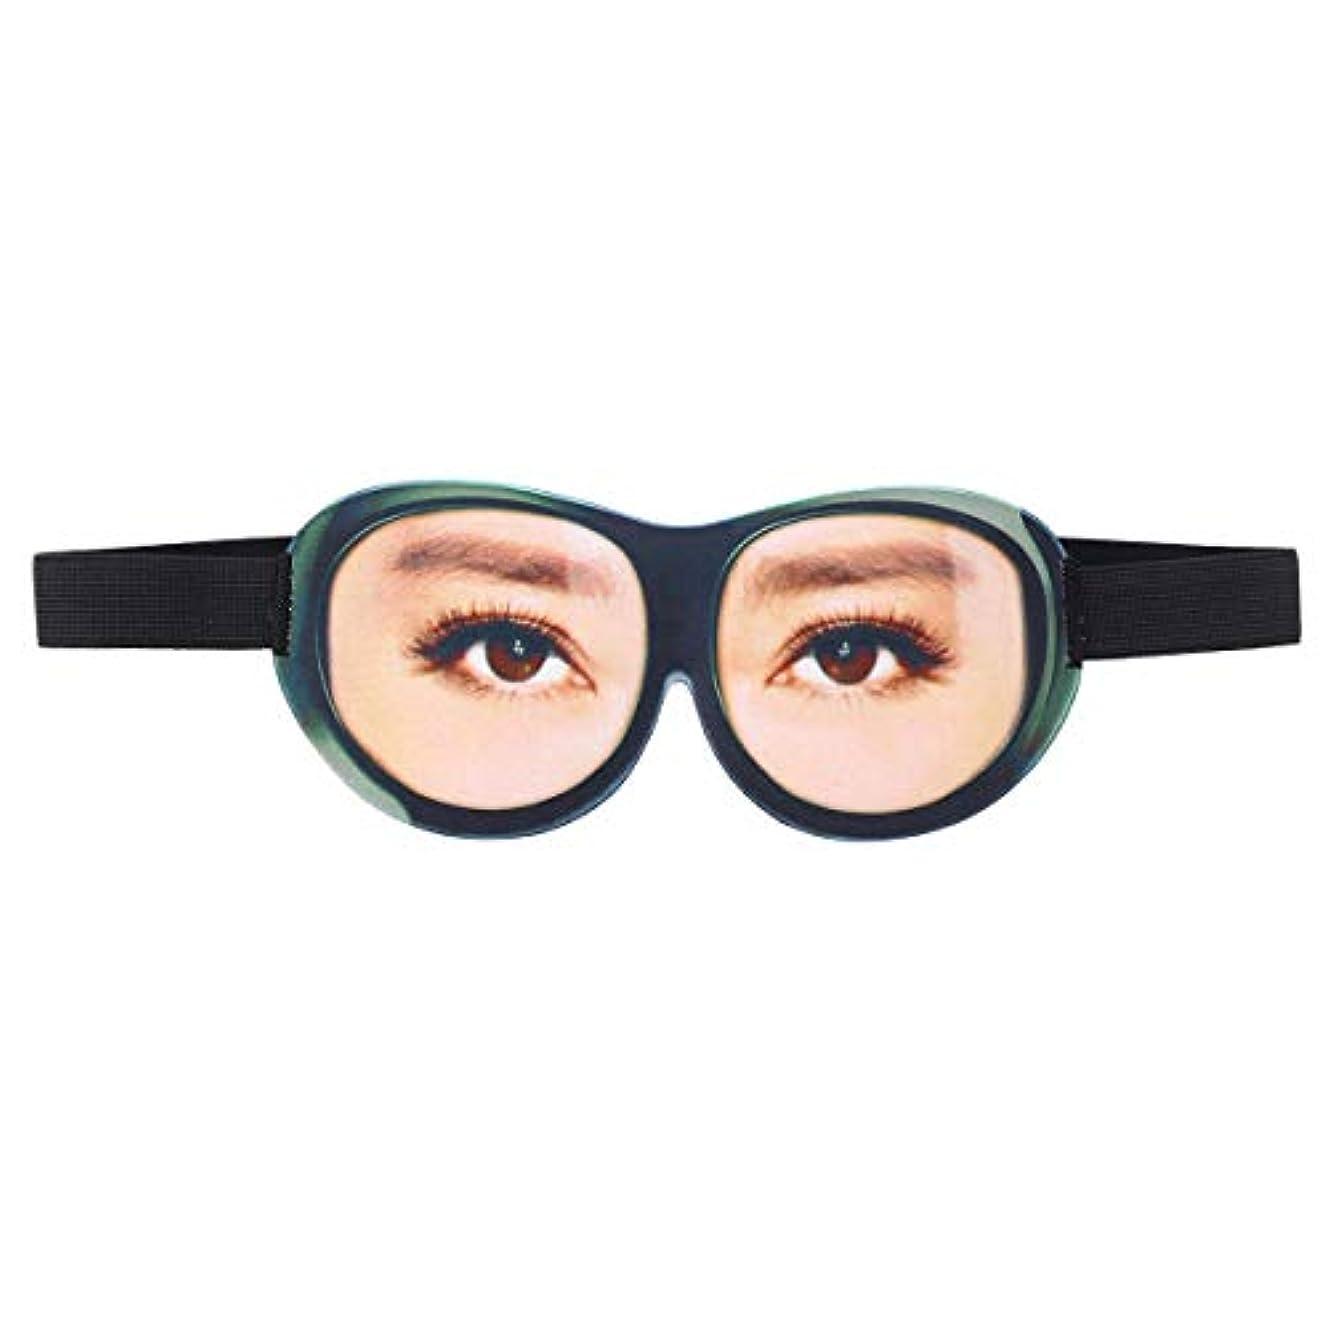 鳴らす適用する帝国主義Healifty 睡眠目隠し3D面白いアイシェード通気性睡眠マスク旅行睡眠ヘルパーアイシェード用男性と女性